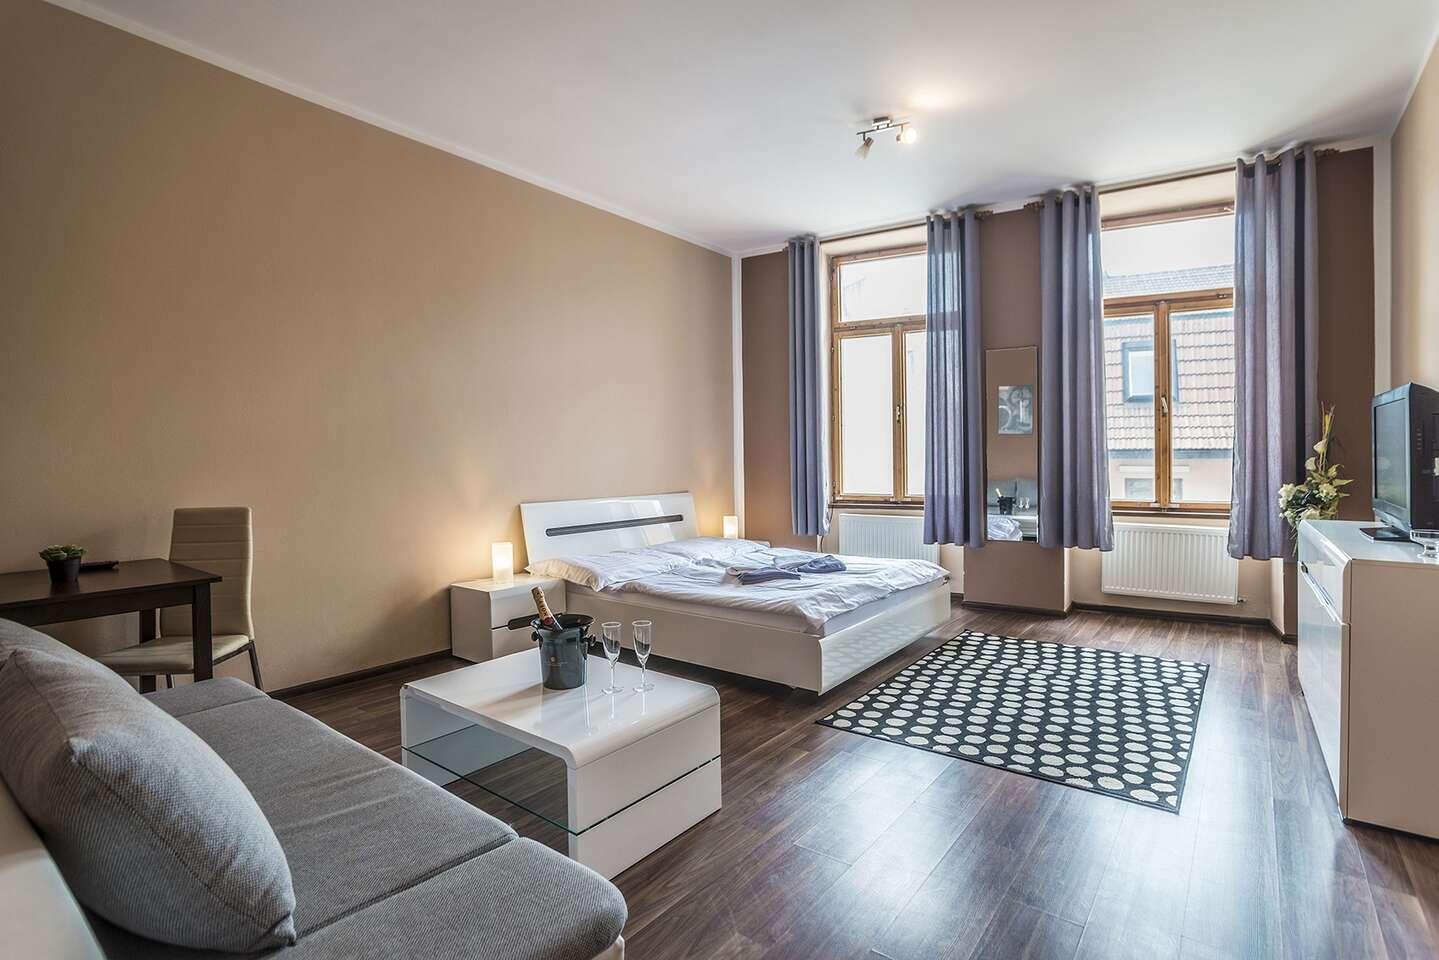 Komfortné izby alebo apartmány penziónu TIME*** priamo v centre Prešova (aj na leto)